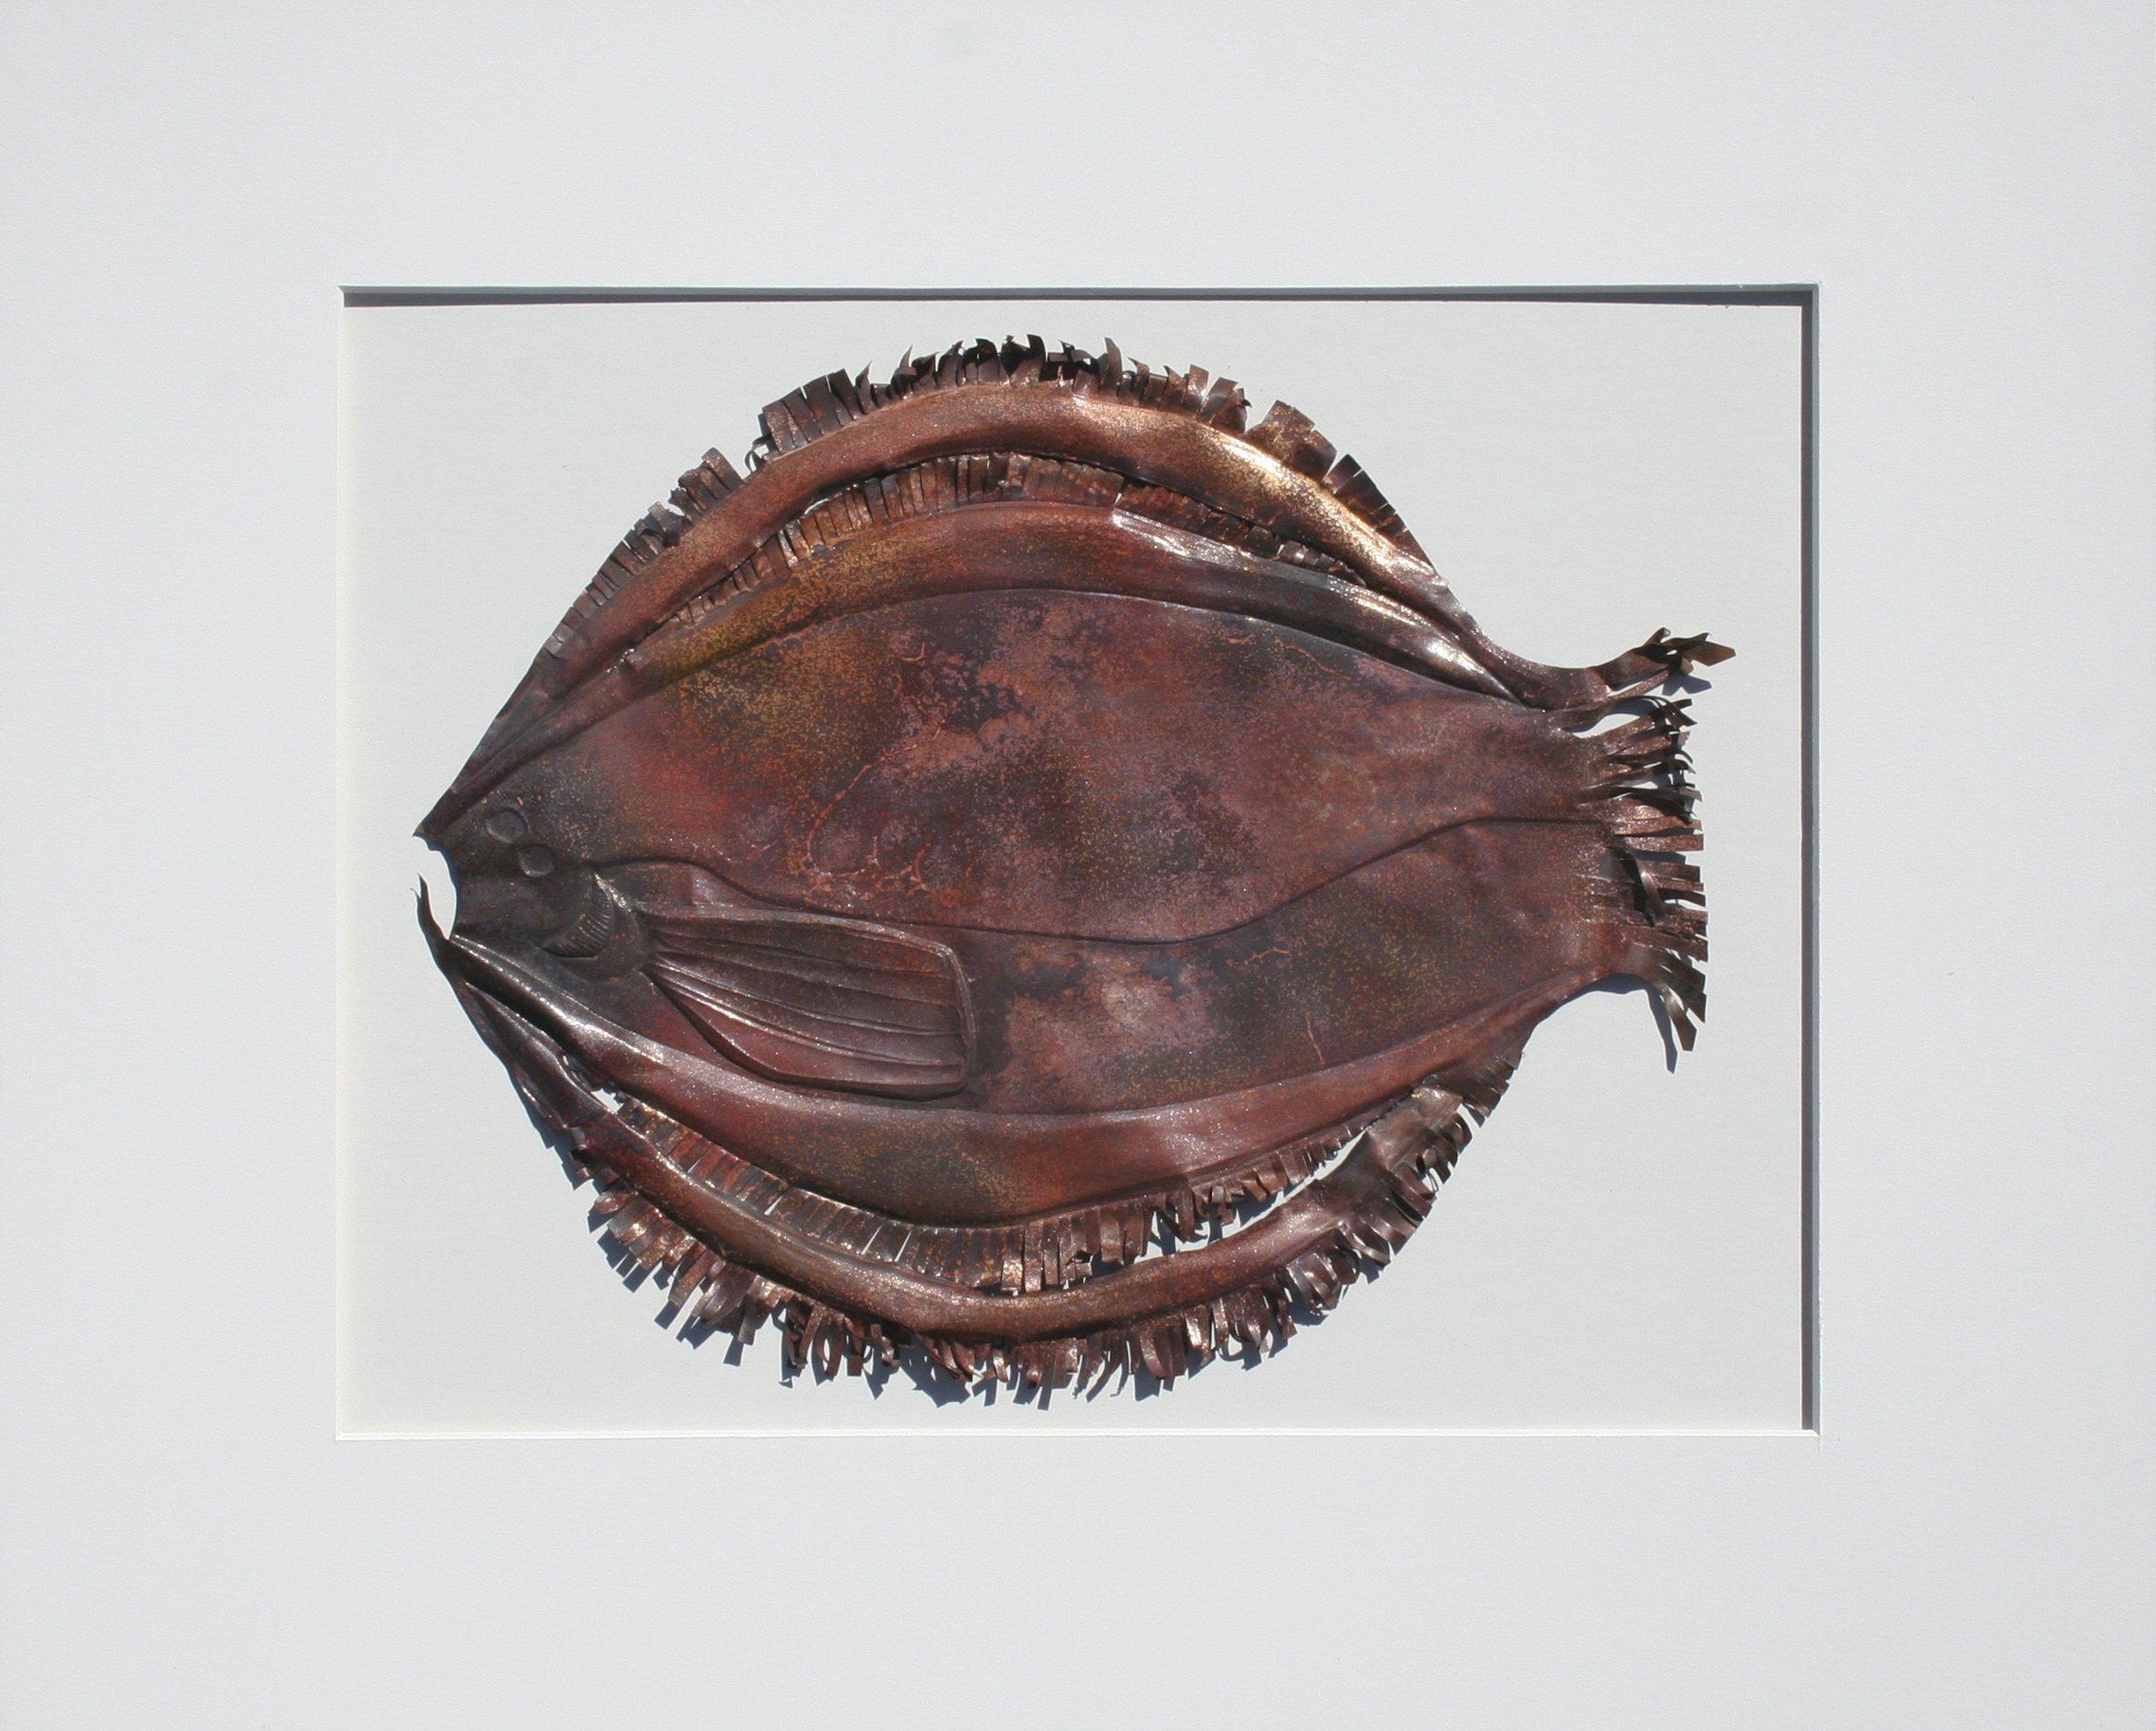 Fred Uhl Ball Fish